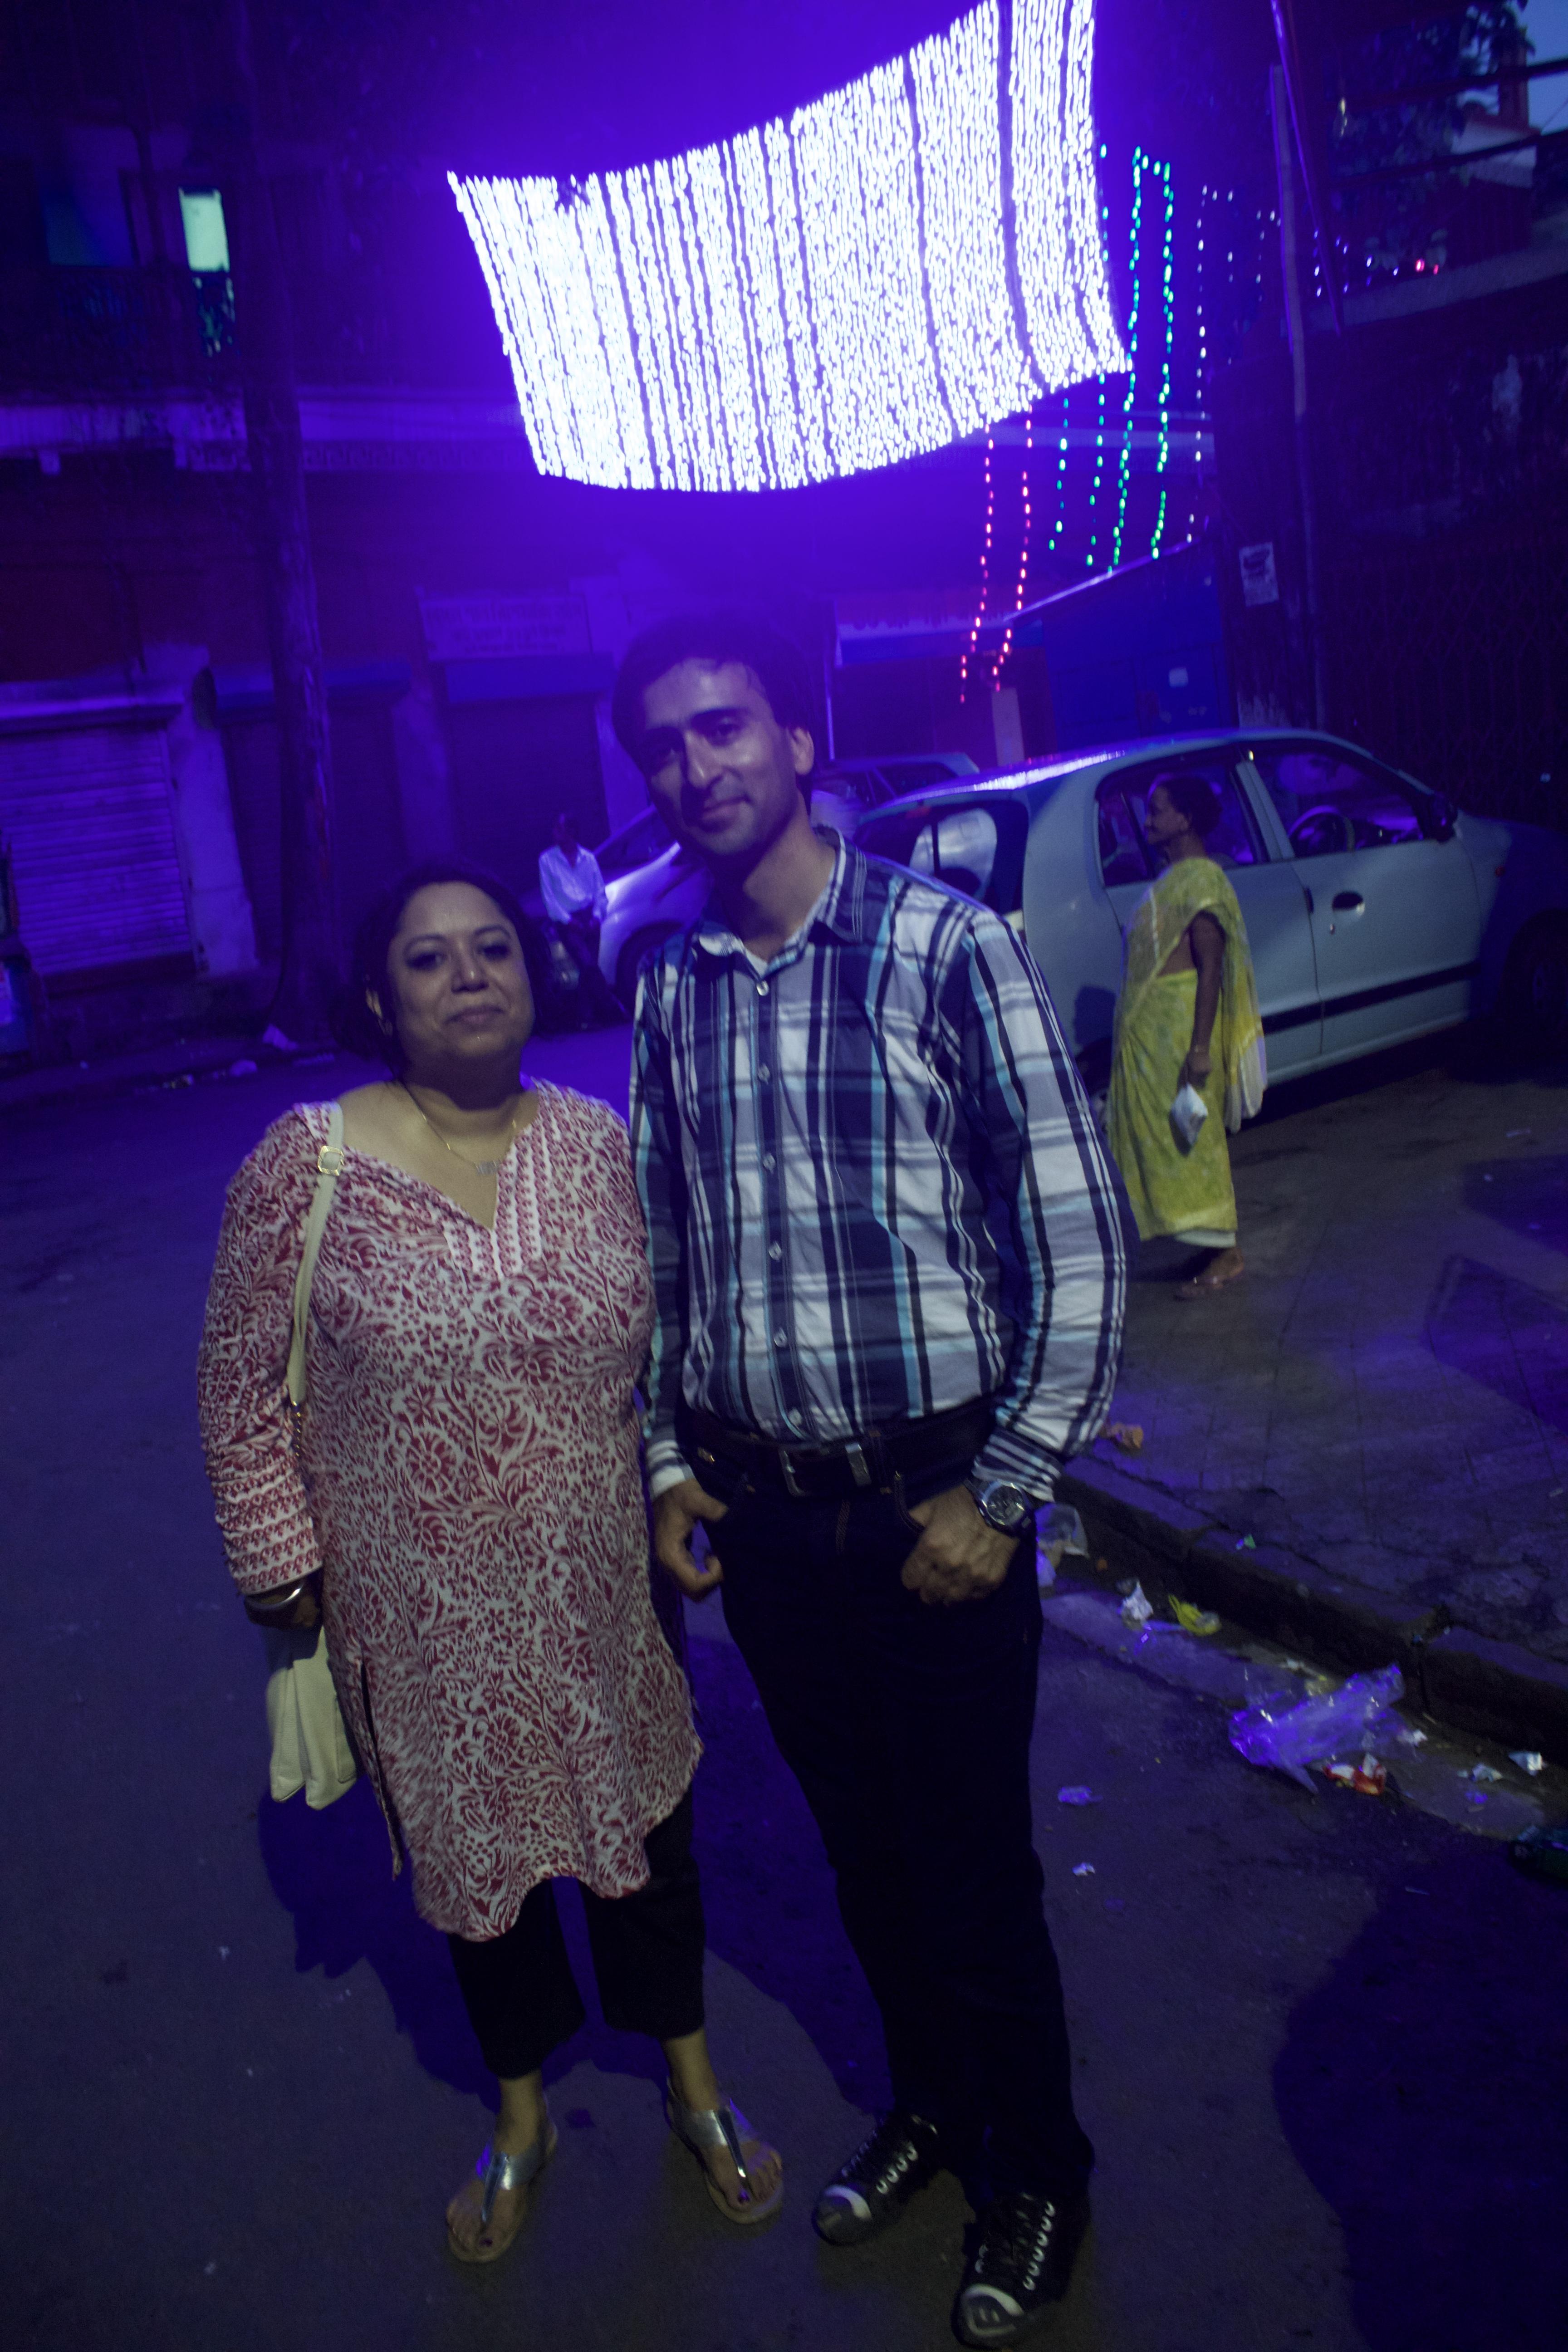 Arshid & Neela